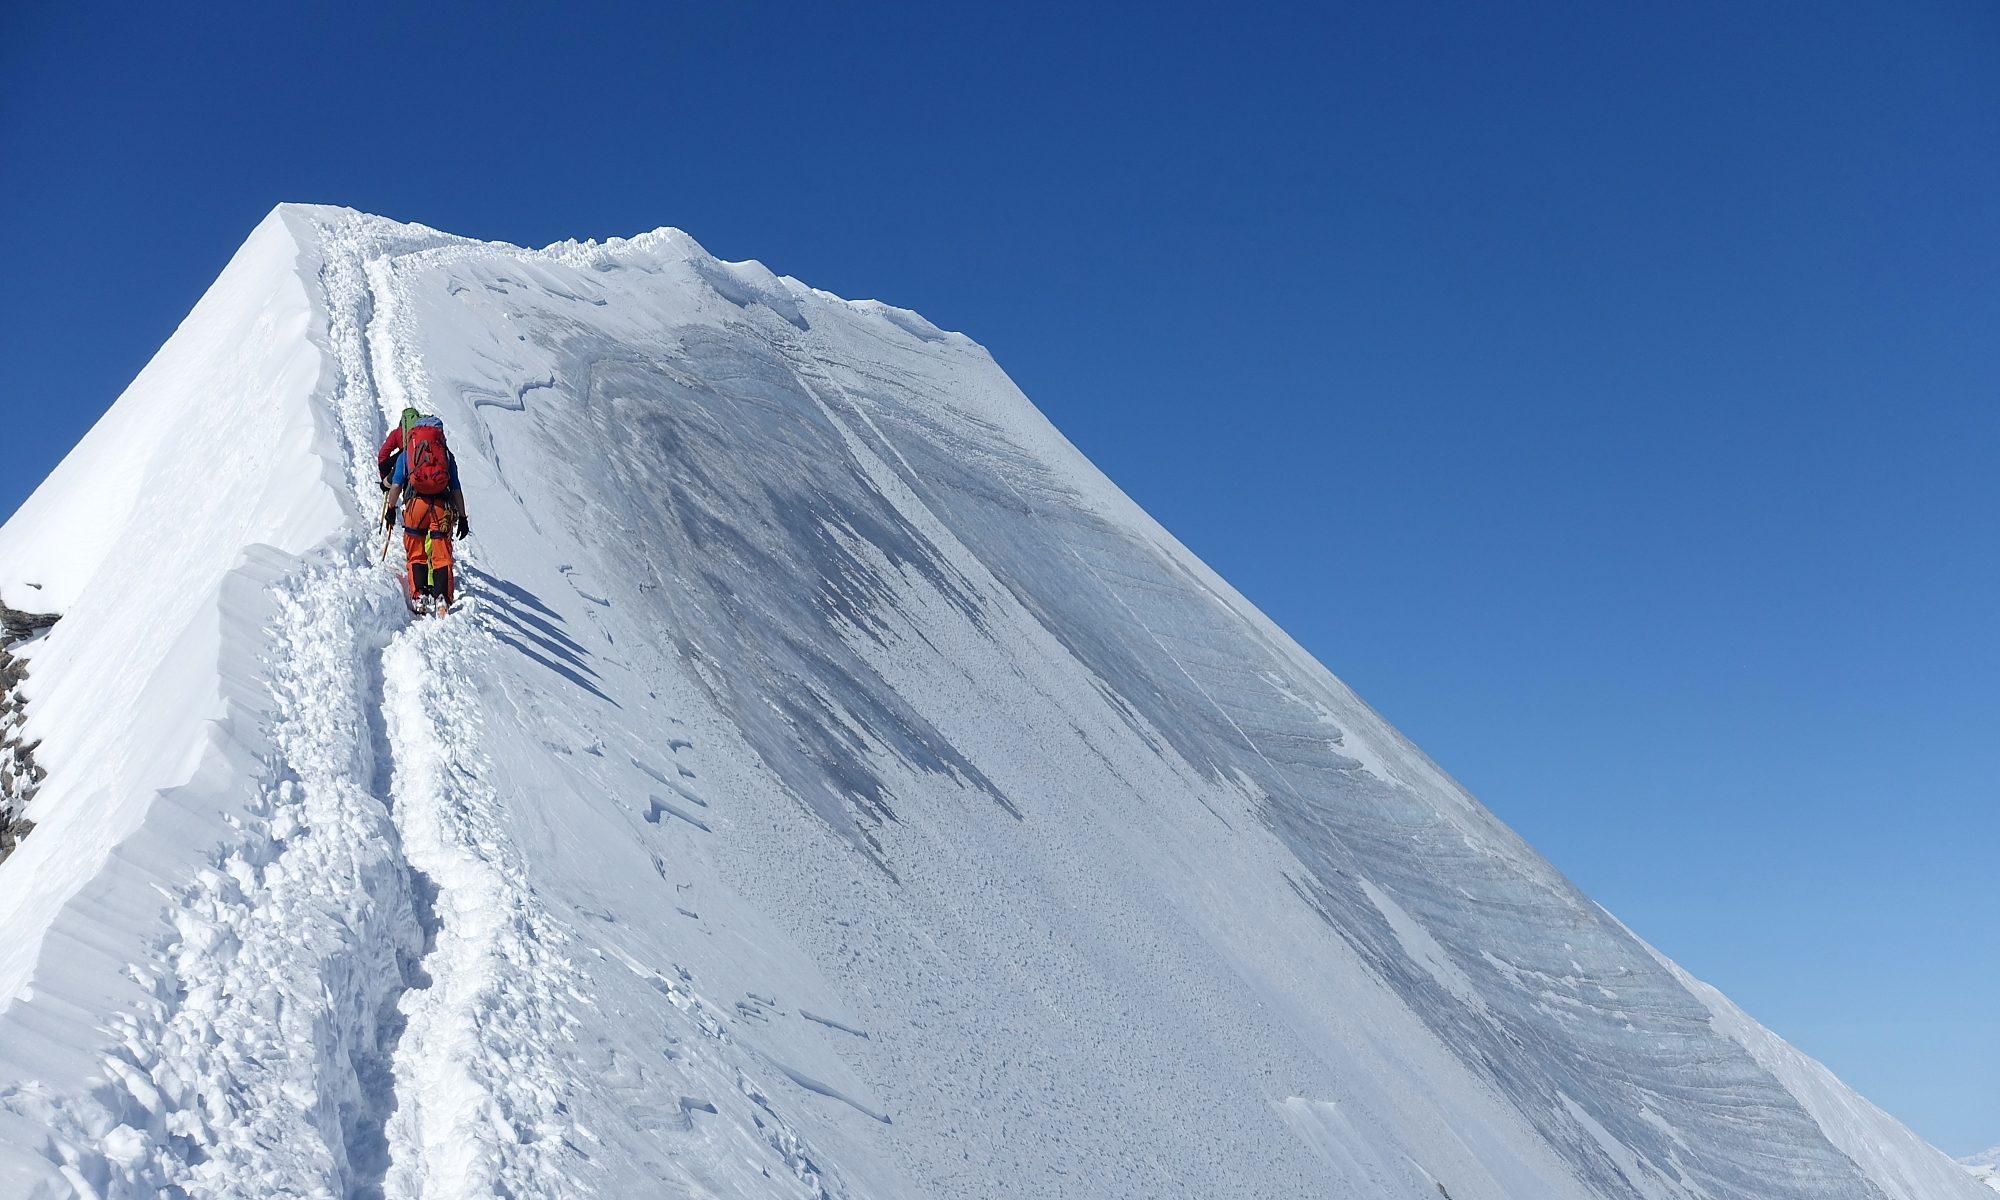 Piz Palü, 3.905 m